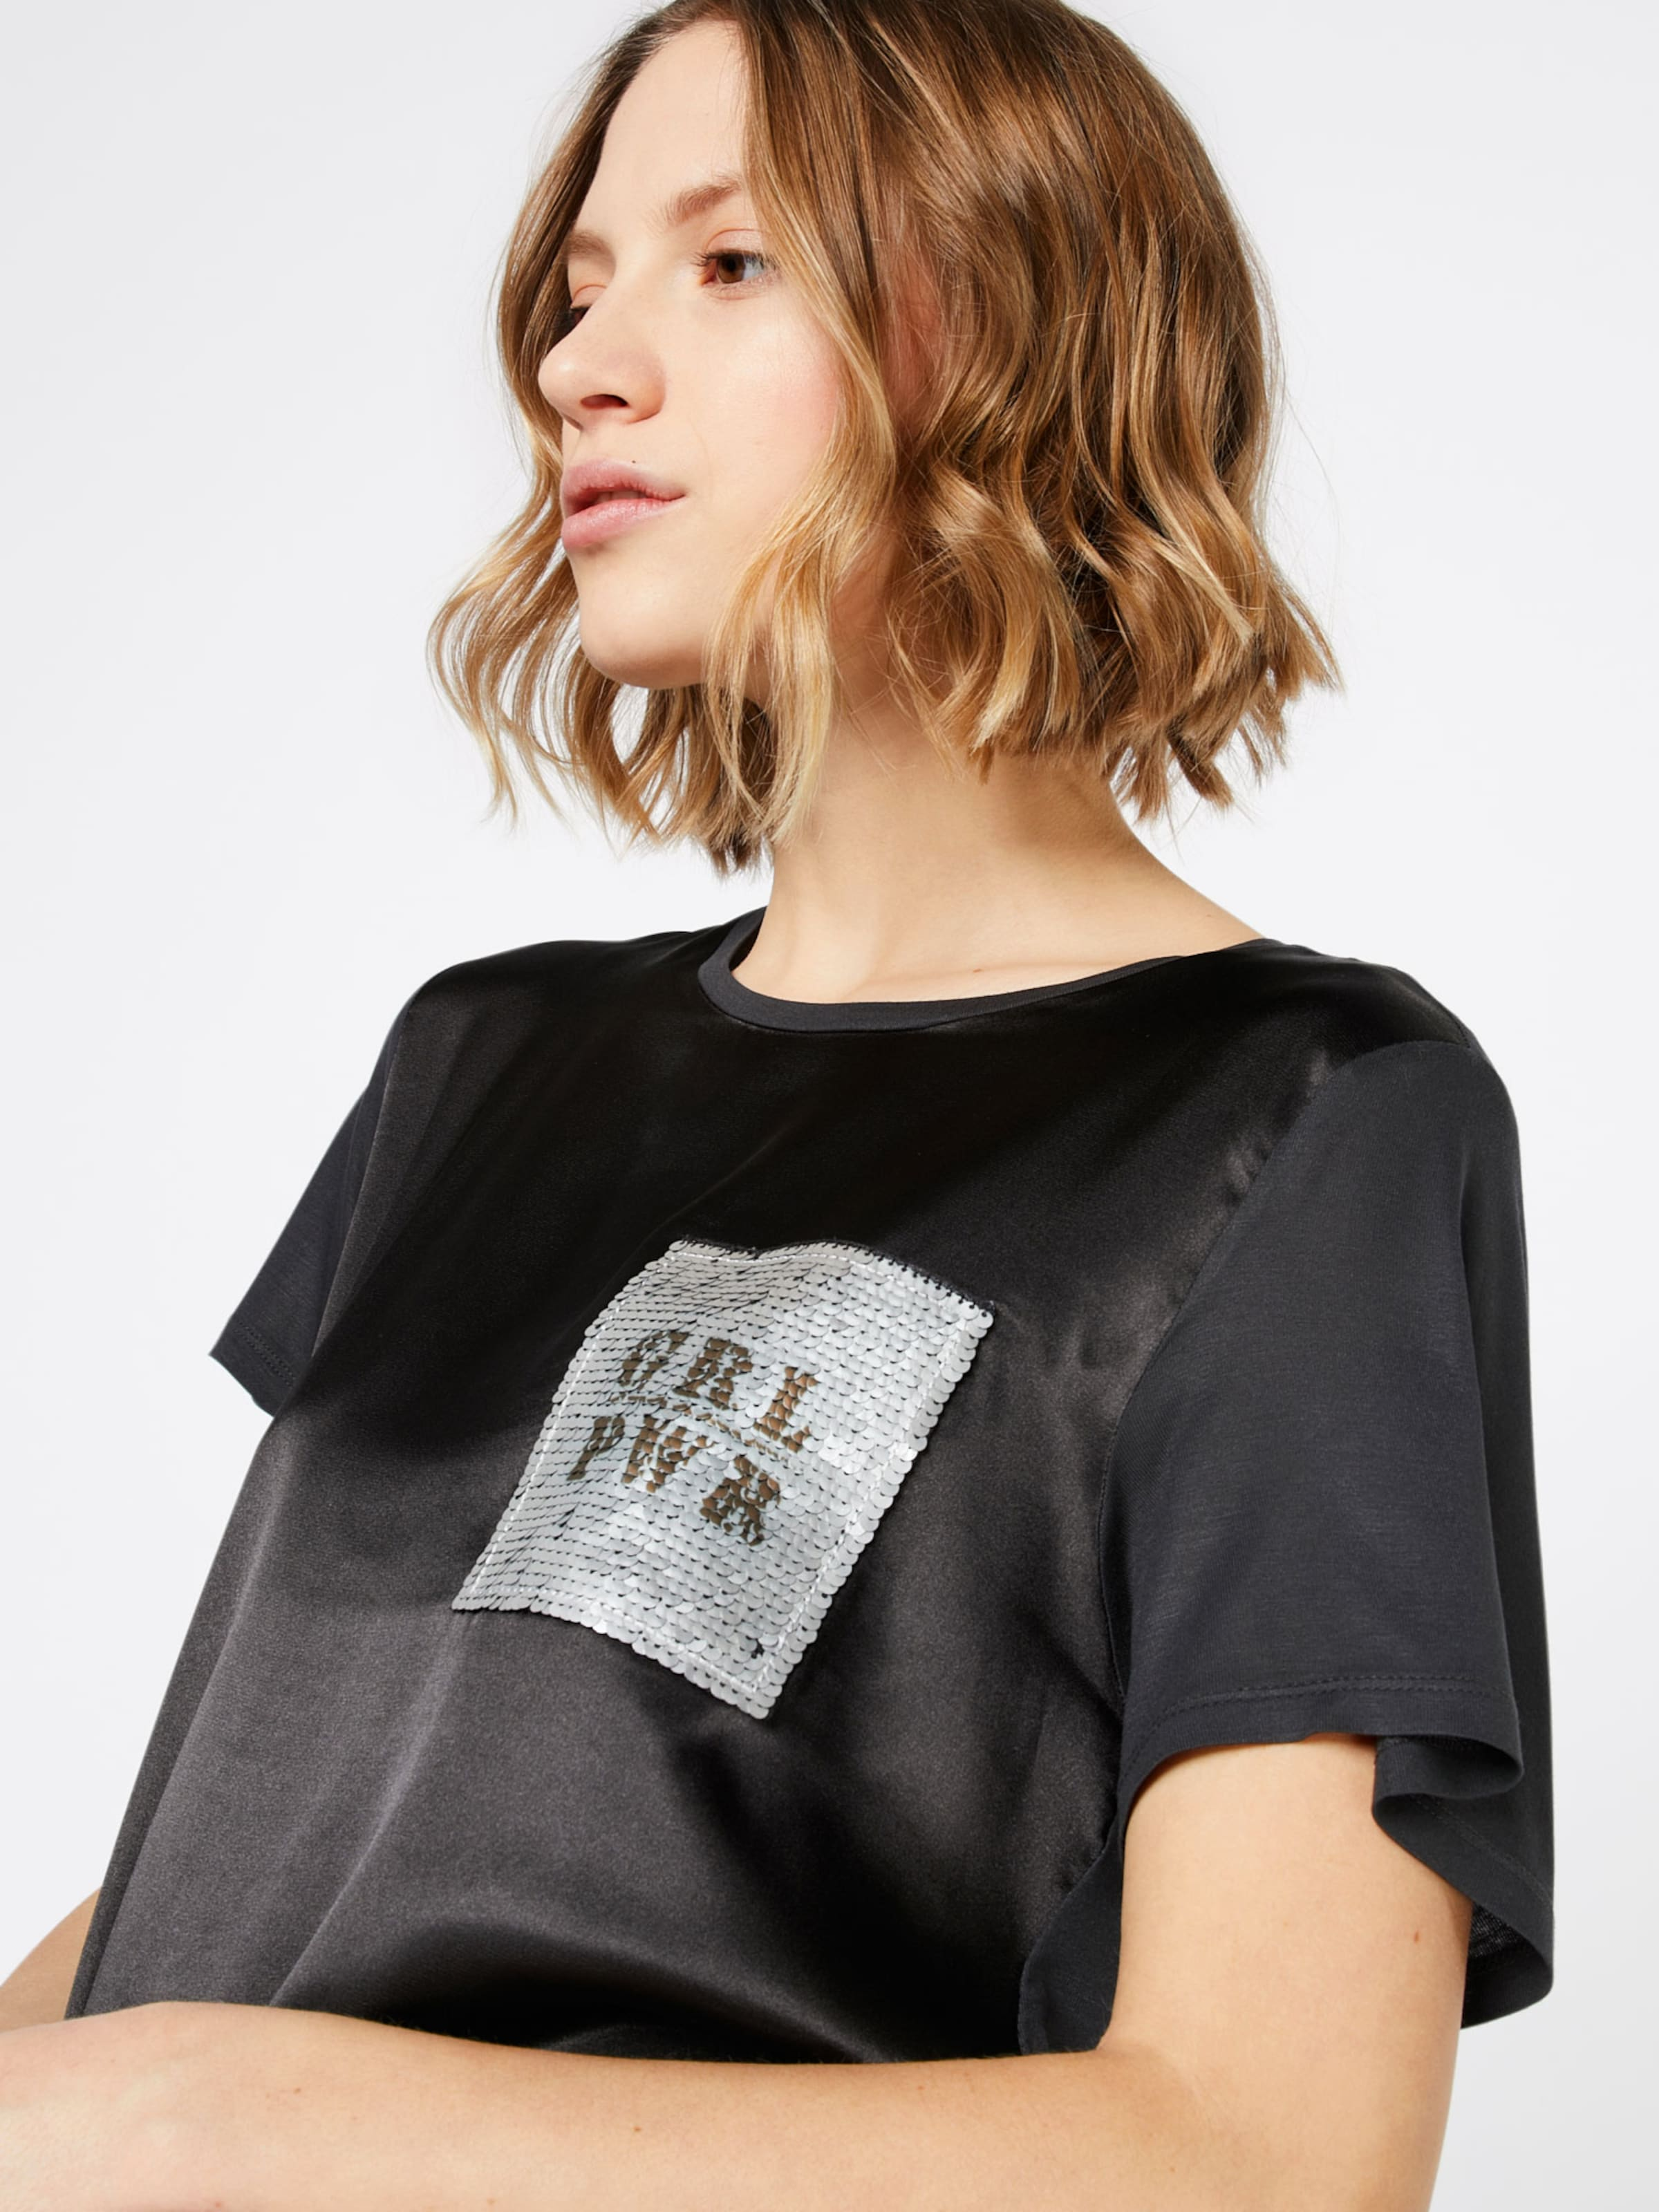 ONLY T-Shirt 'SALLY' Shop Online-Verkauf Bekommt Einen Rabatt Zu Kaufen Kaufen Sie Ihre Lieblings Neue Stile Online TfGmANJsyl